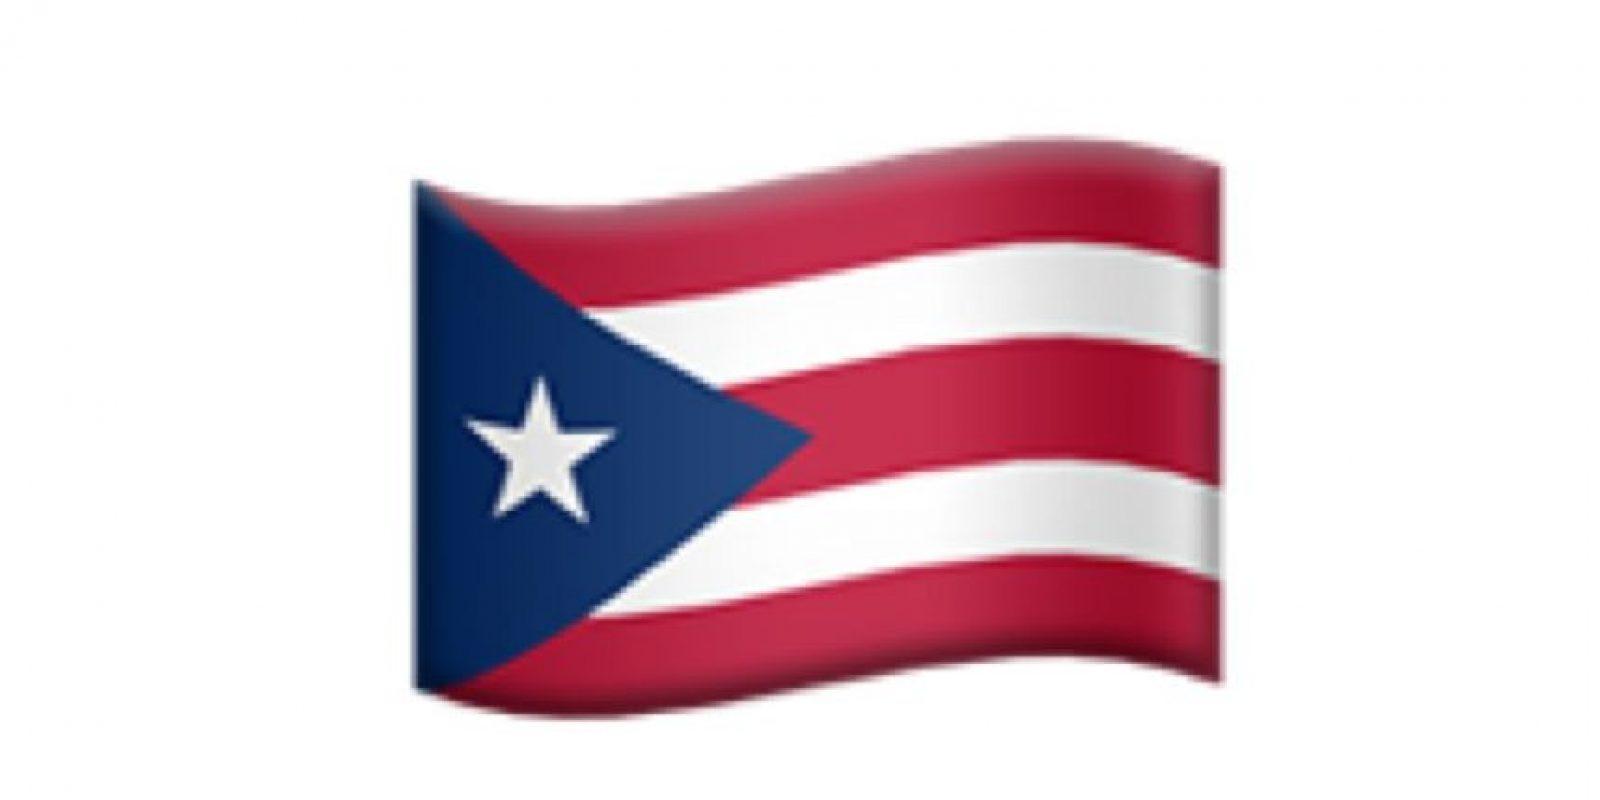 Bandera de Puerto Rico. Foto:Apple